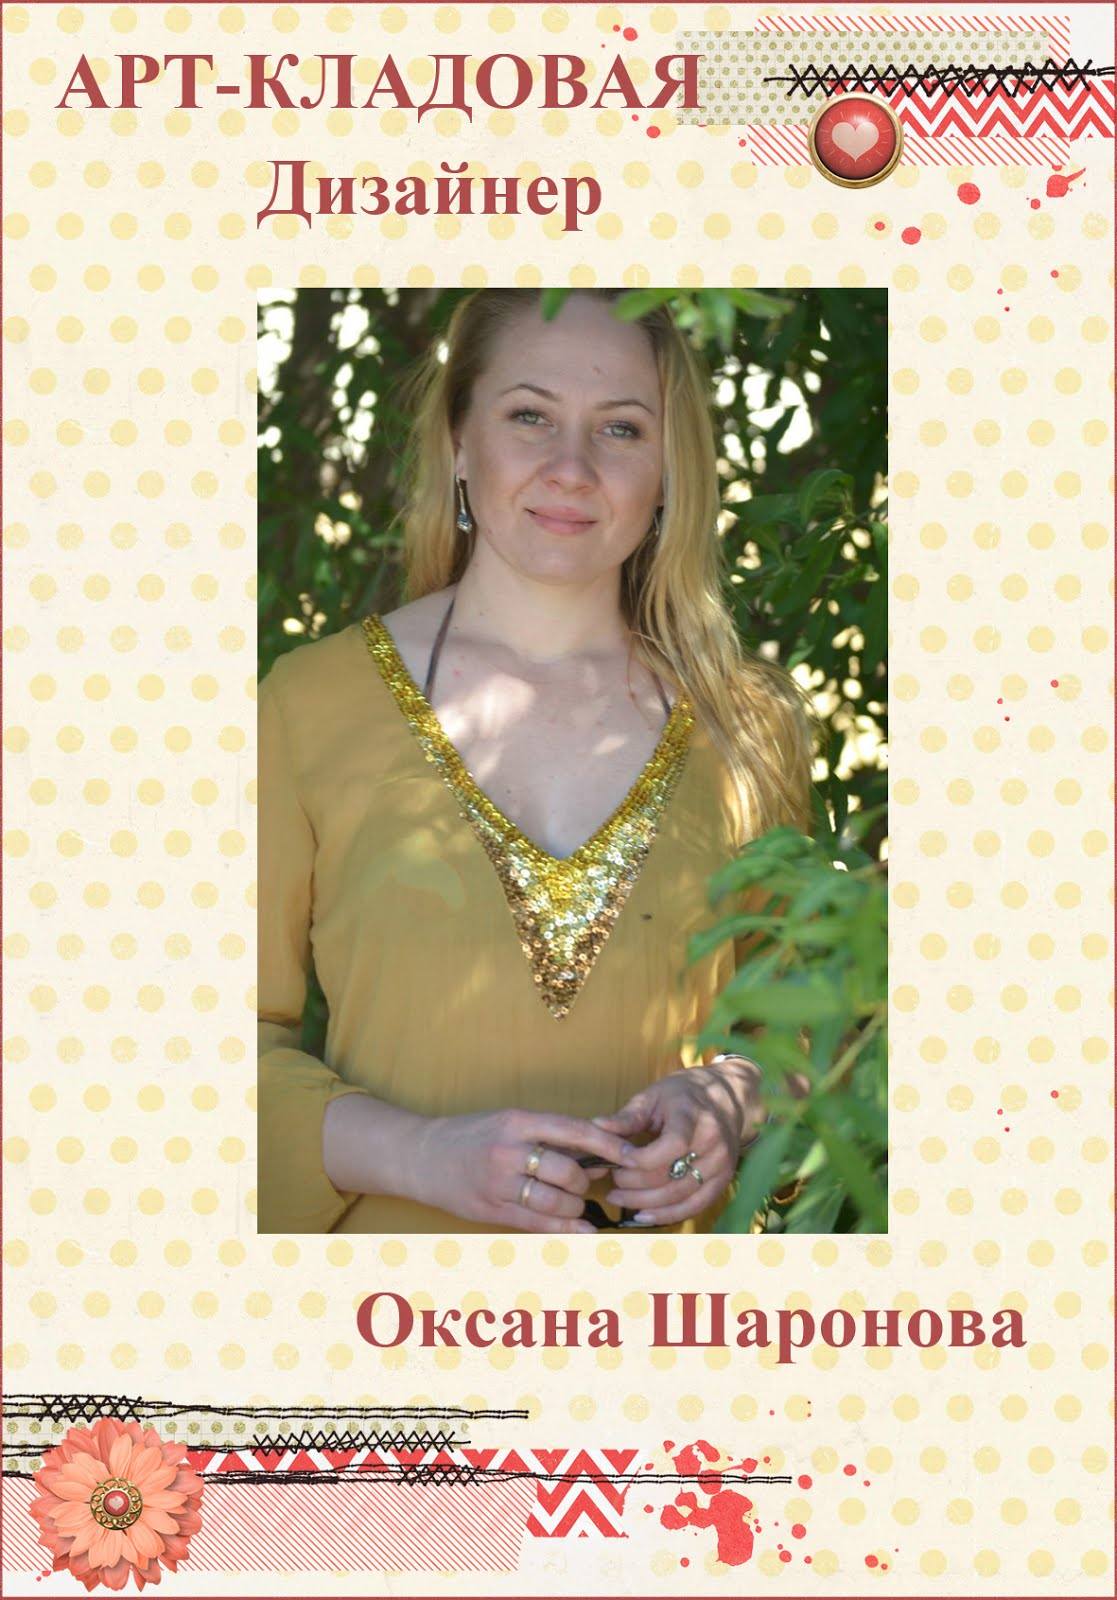 Оксана Шаронова